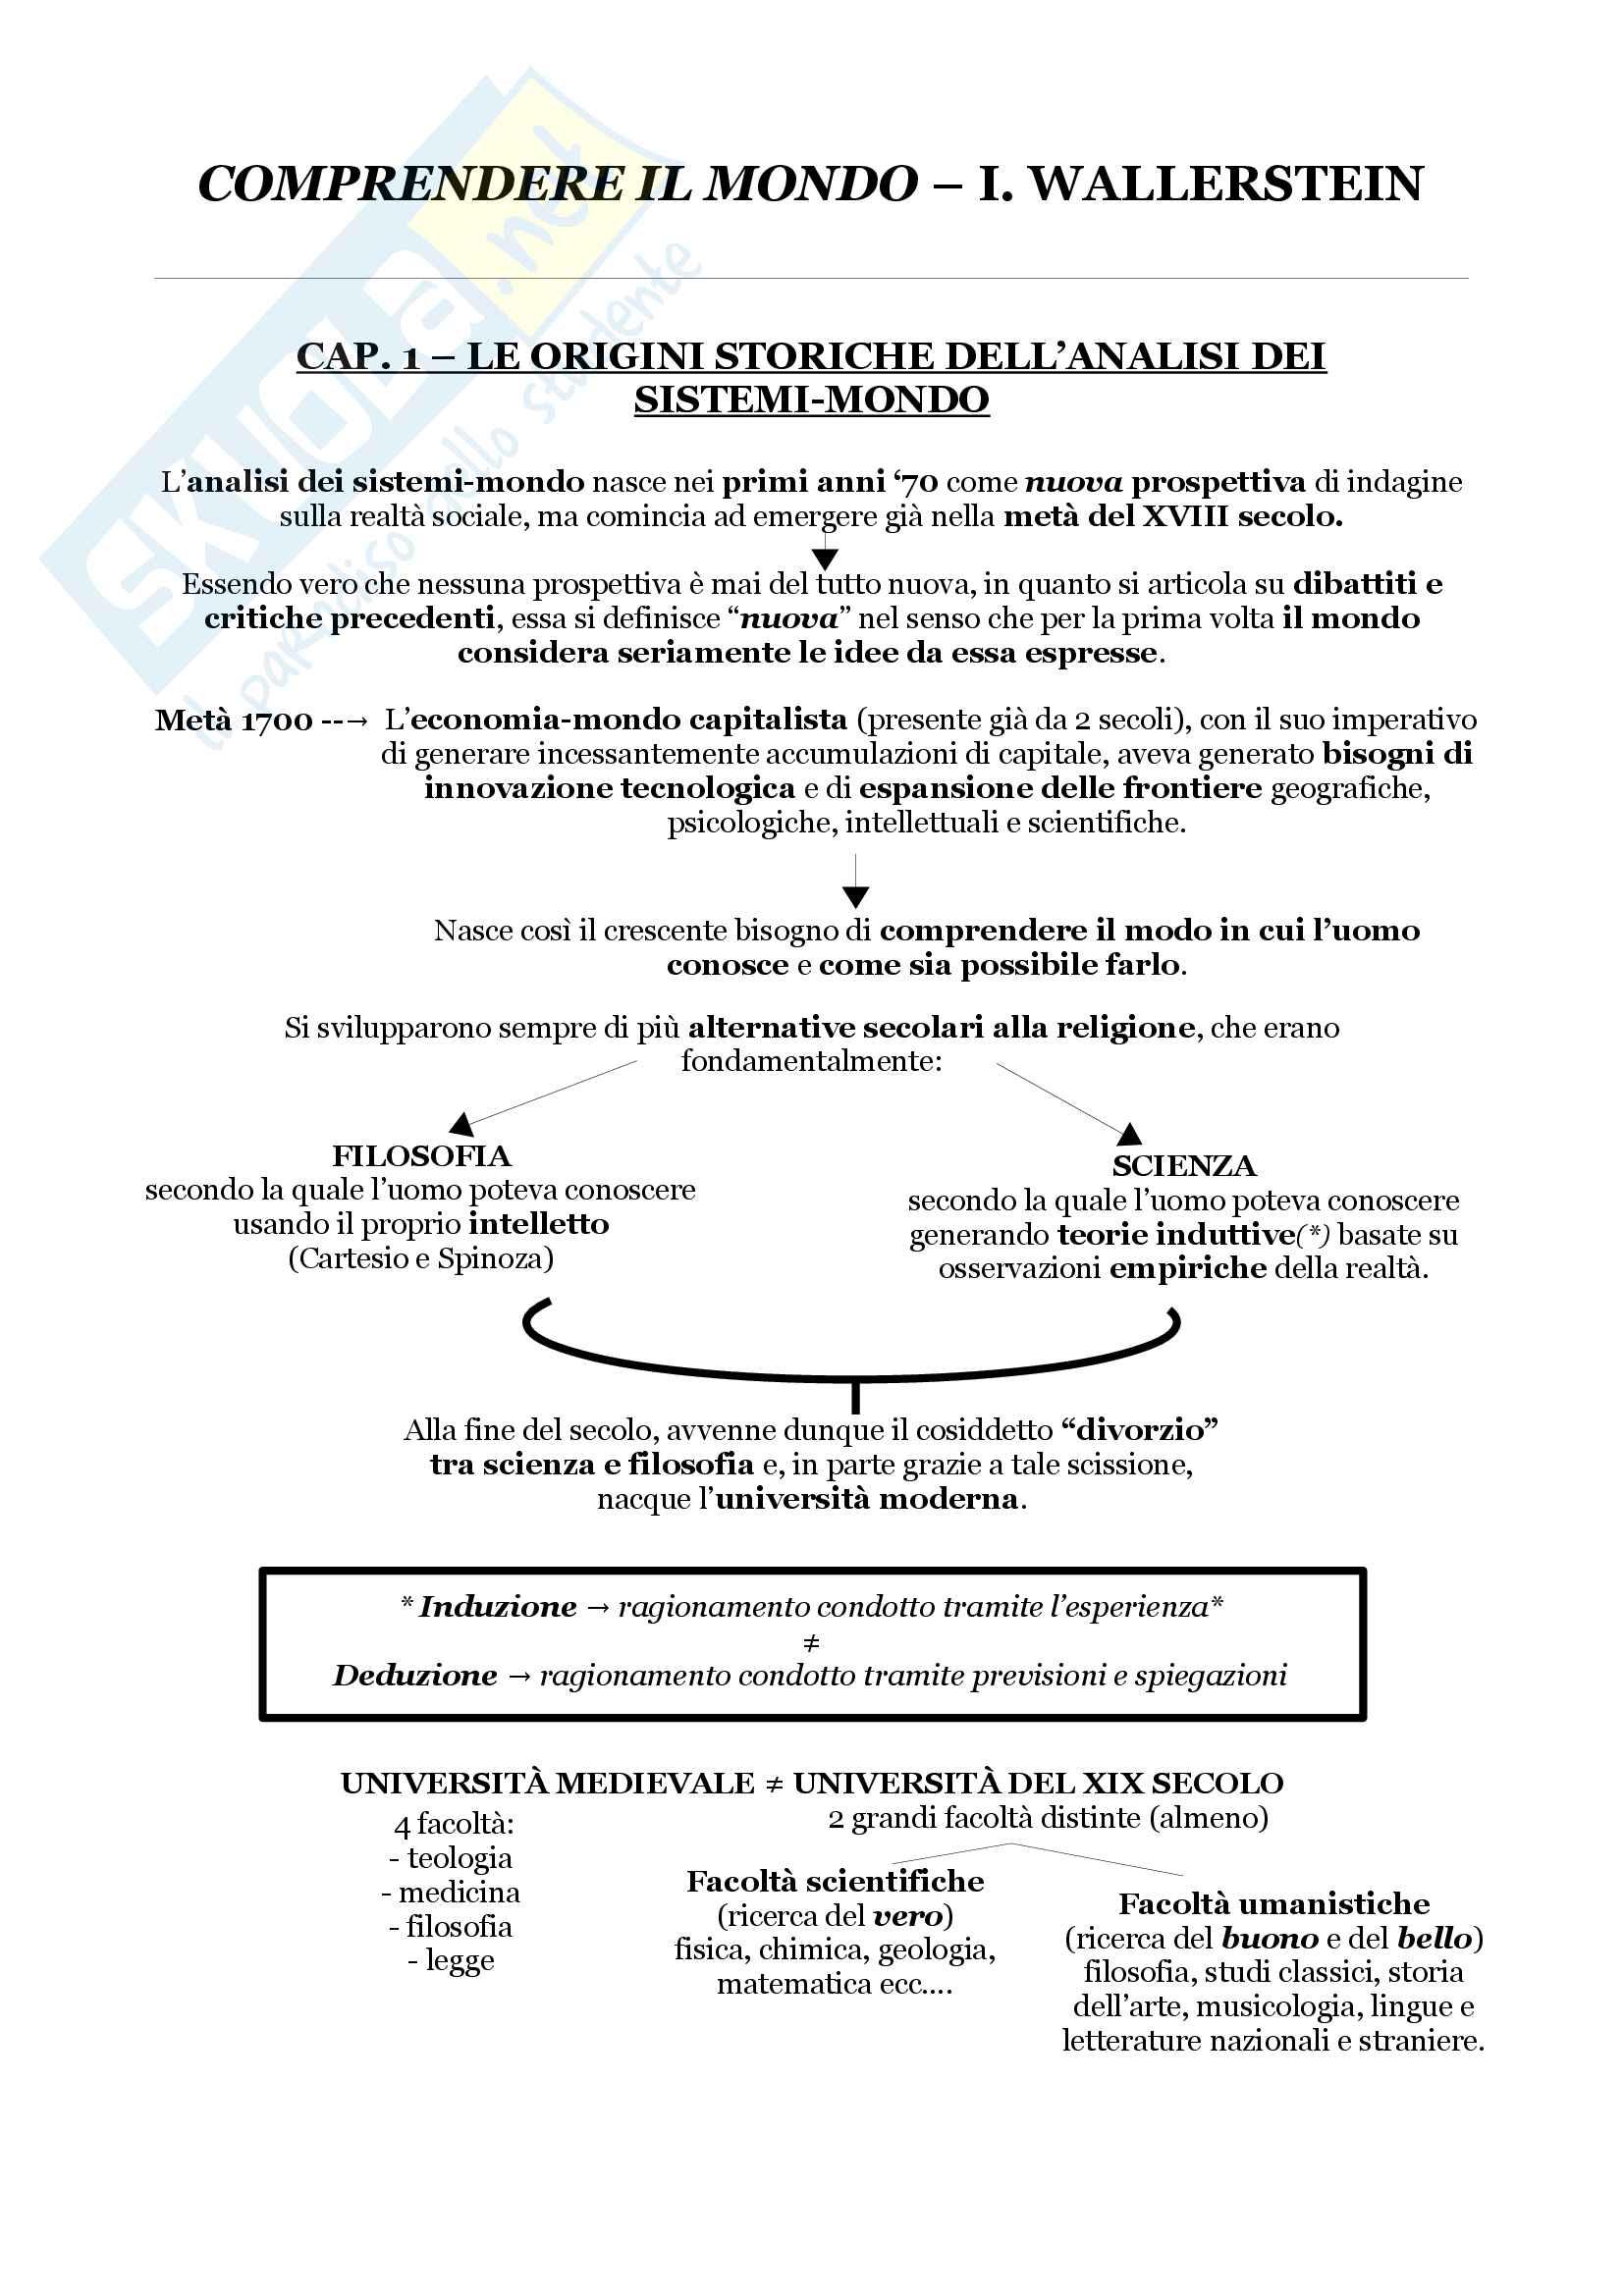 Riassunto esame di sociologia, prof. Di Meglio, libro consigliato Comprendere il mondo, Wallerstein